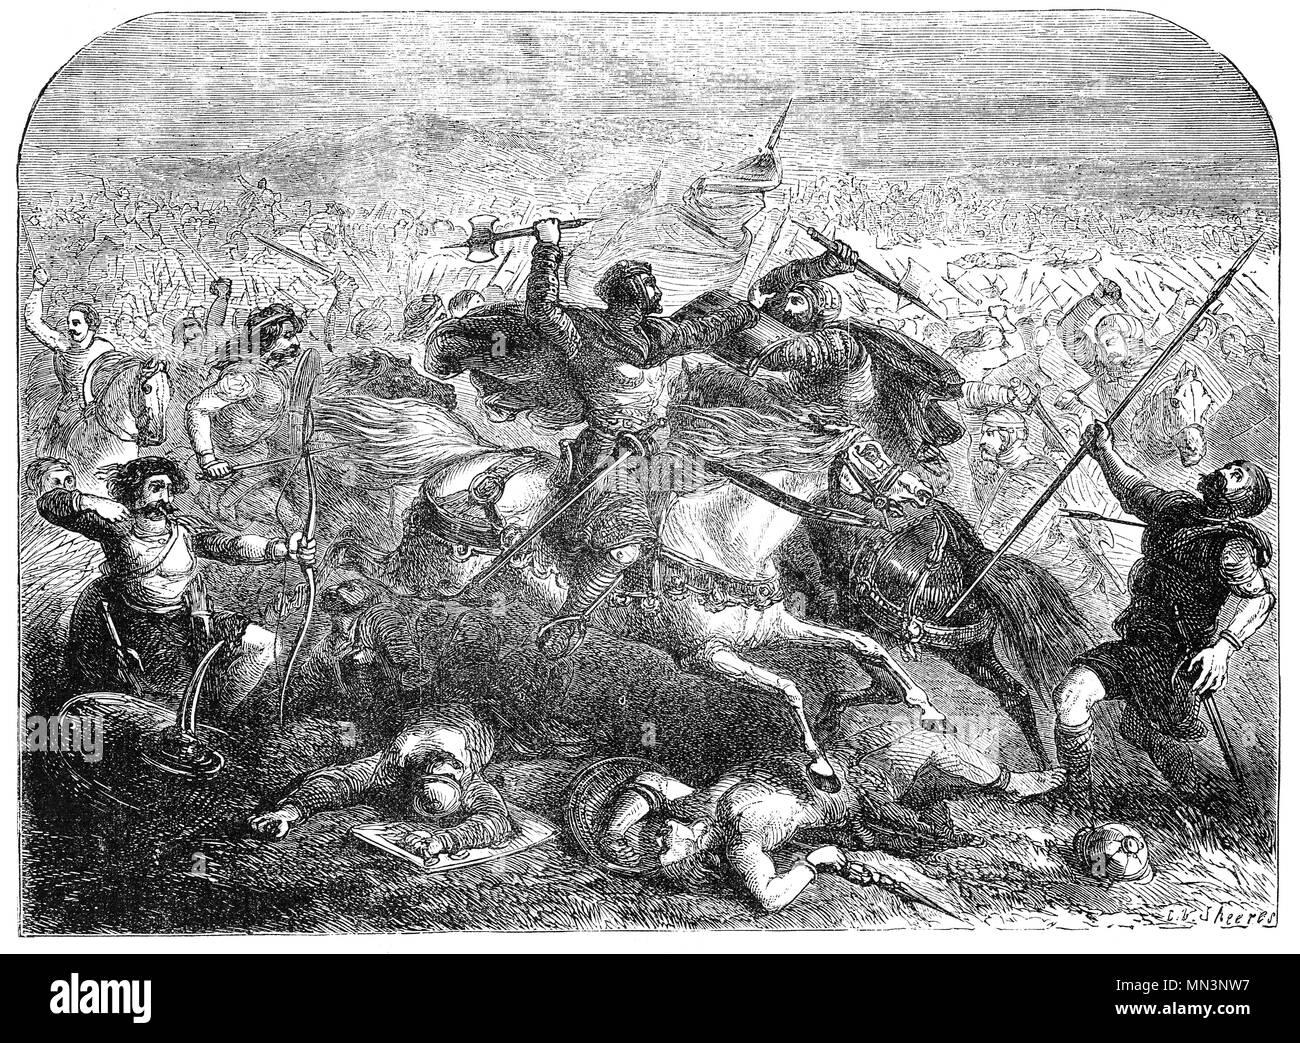 La bataille de Badon entre Britanniques et Anglo-Saxons celtique à la fin 5ème ou au début du 6ème siècle. Il a été crédité comme une grande victoire pour les Britanniques, l'arrêt de l'empiétement des les royaumes anglo-saxons pour une période et est principalement connu aujourd'hui pour l'implication du Roi Arthur, une tradition qui commencent à être bien paru dans le 9ème-siècle Historia Brittonum. En raison du nombre limité de sources, il n'y a pas de certitude quant à la date, le lieu, ou les détails des combats. Photo Stock